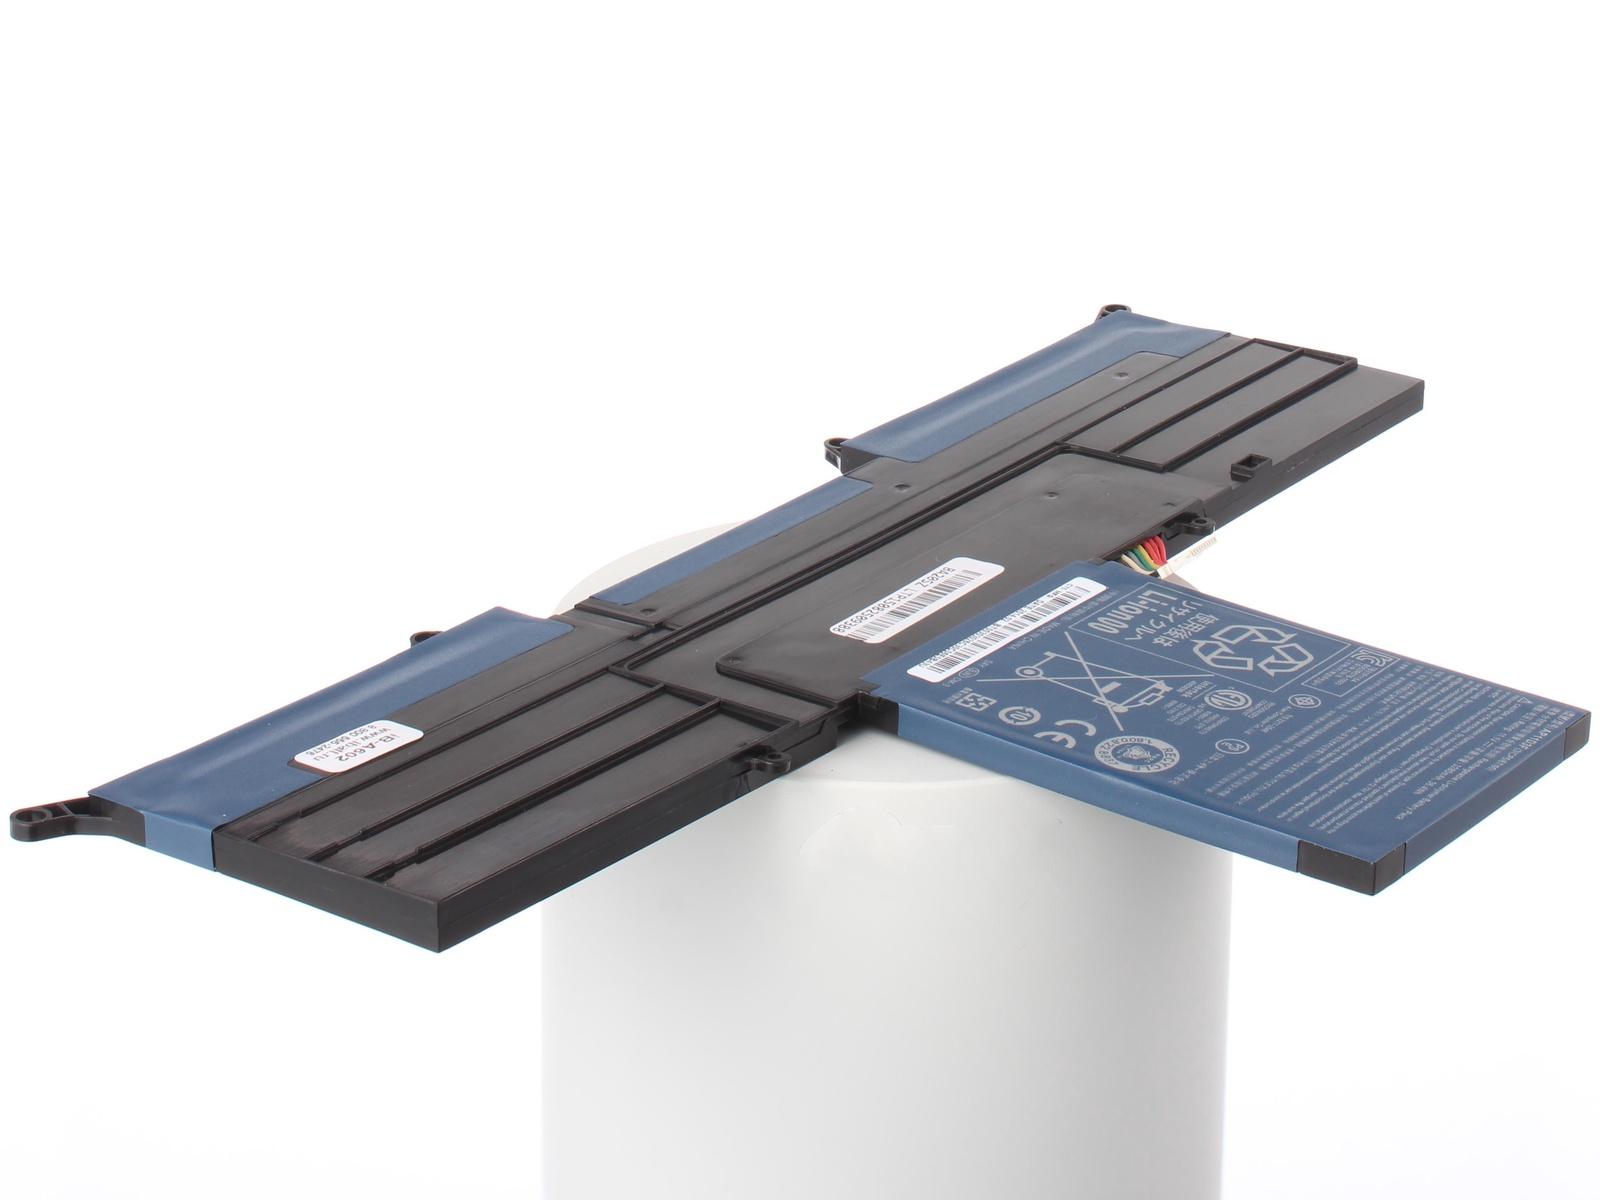 Аккумулятор для ноутбука iBatt Acer Aspire S3, S3-391, S3-951, S3-391-73514G52add, S3-391-53314G52add, S3-951-2464G34iss, S3-391-33214G52add, S3-331, S3-391-53334G52add